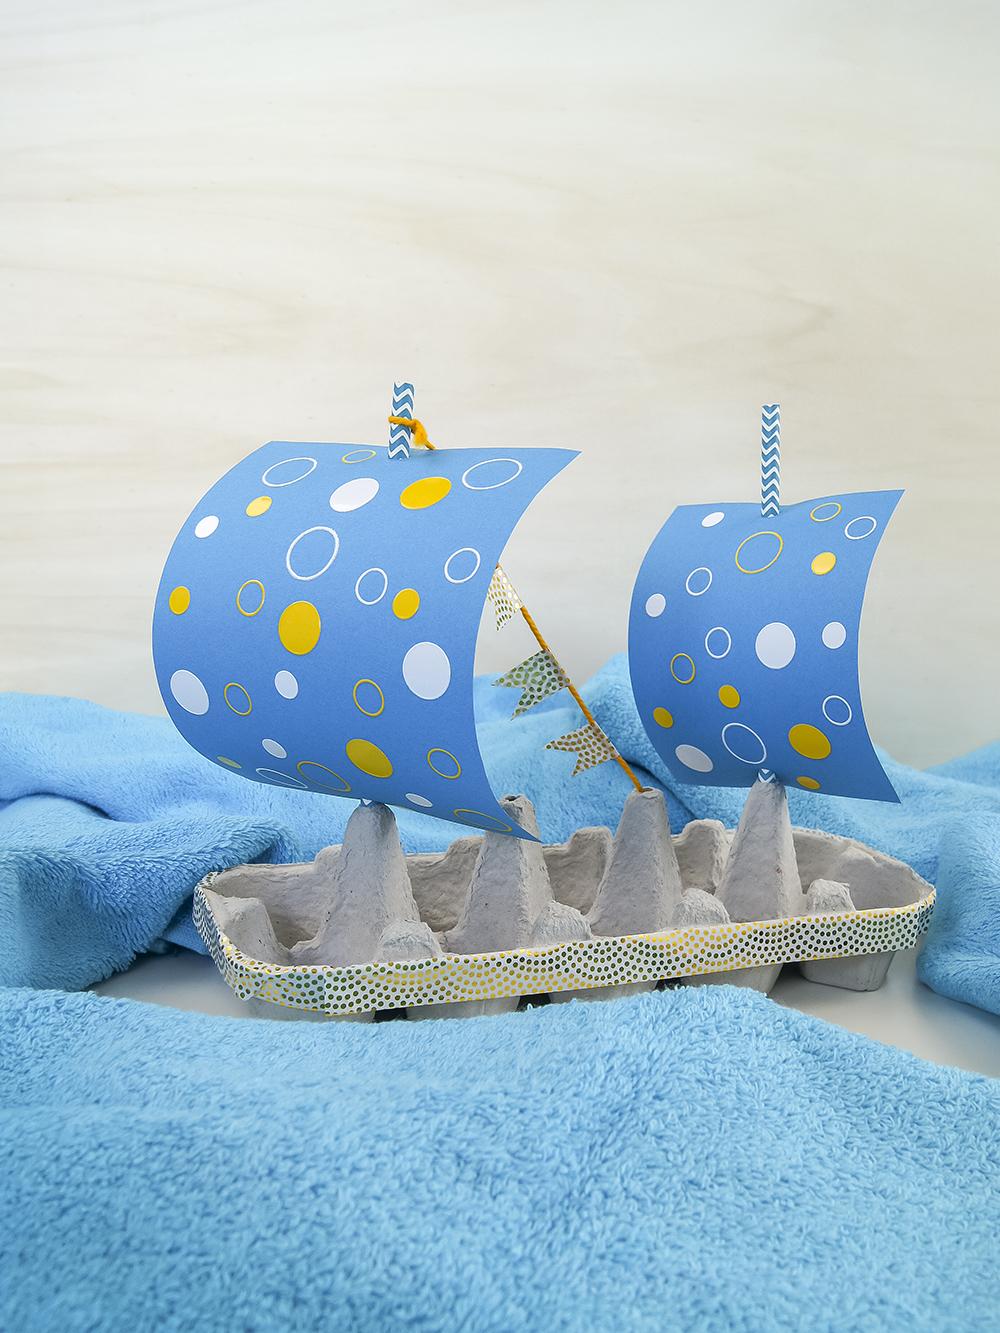 Schiff aus Eierkarton - Eine Bastelidee für Kleinkinder | kreativ mit Upcycling Materialien basteln und spielen | von Fantasiewerk